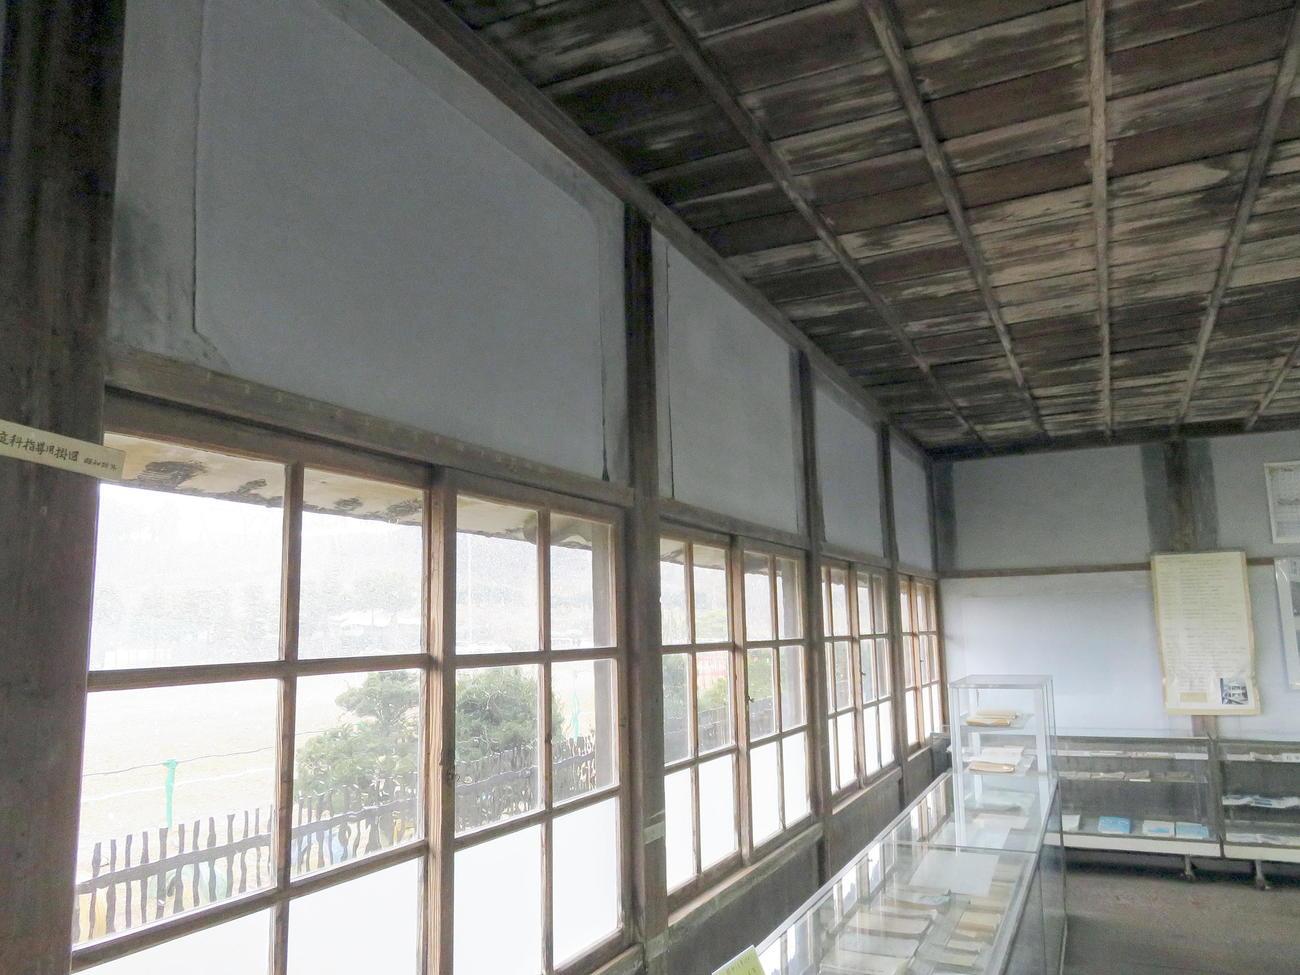 福島県沖地震で一部が破損した登米市教育資料館。壁の修復部分が揺れによって浮き上がった(撮影・鎌田直秀)